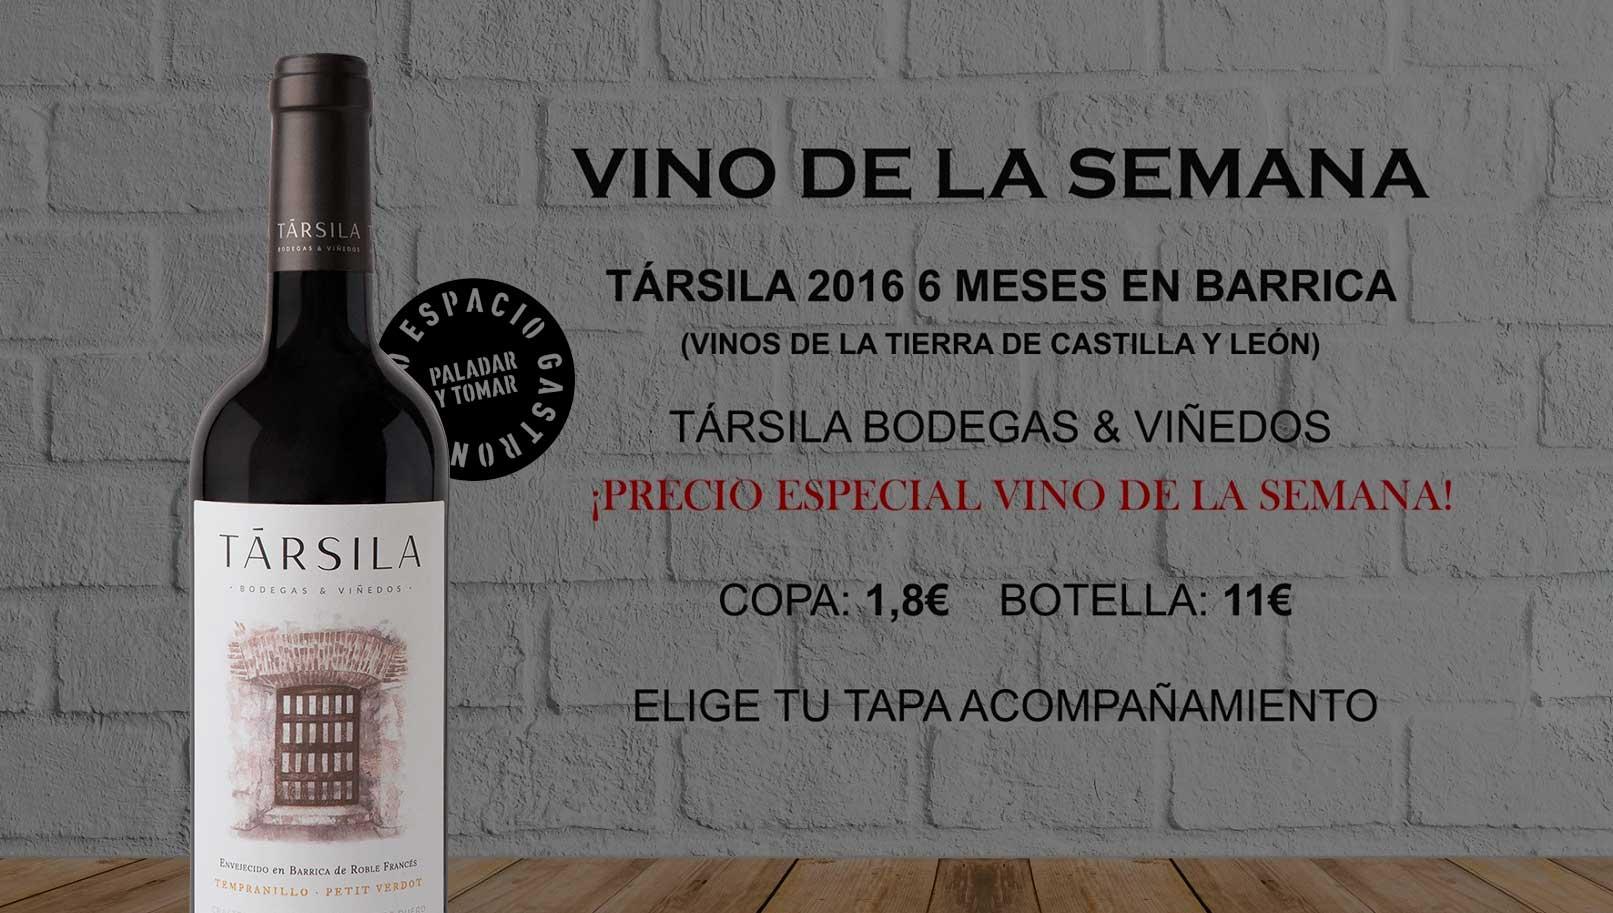 wine-week-tudela-duero-6-months.jpg